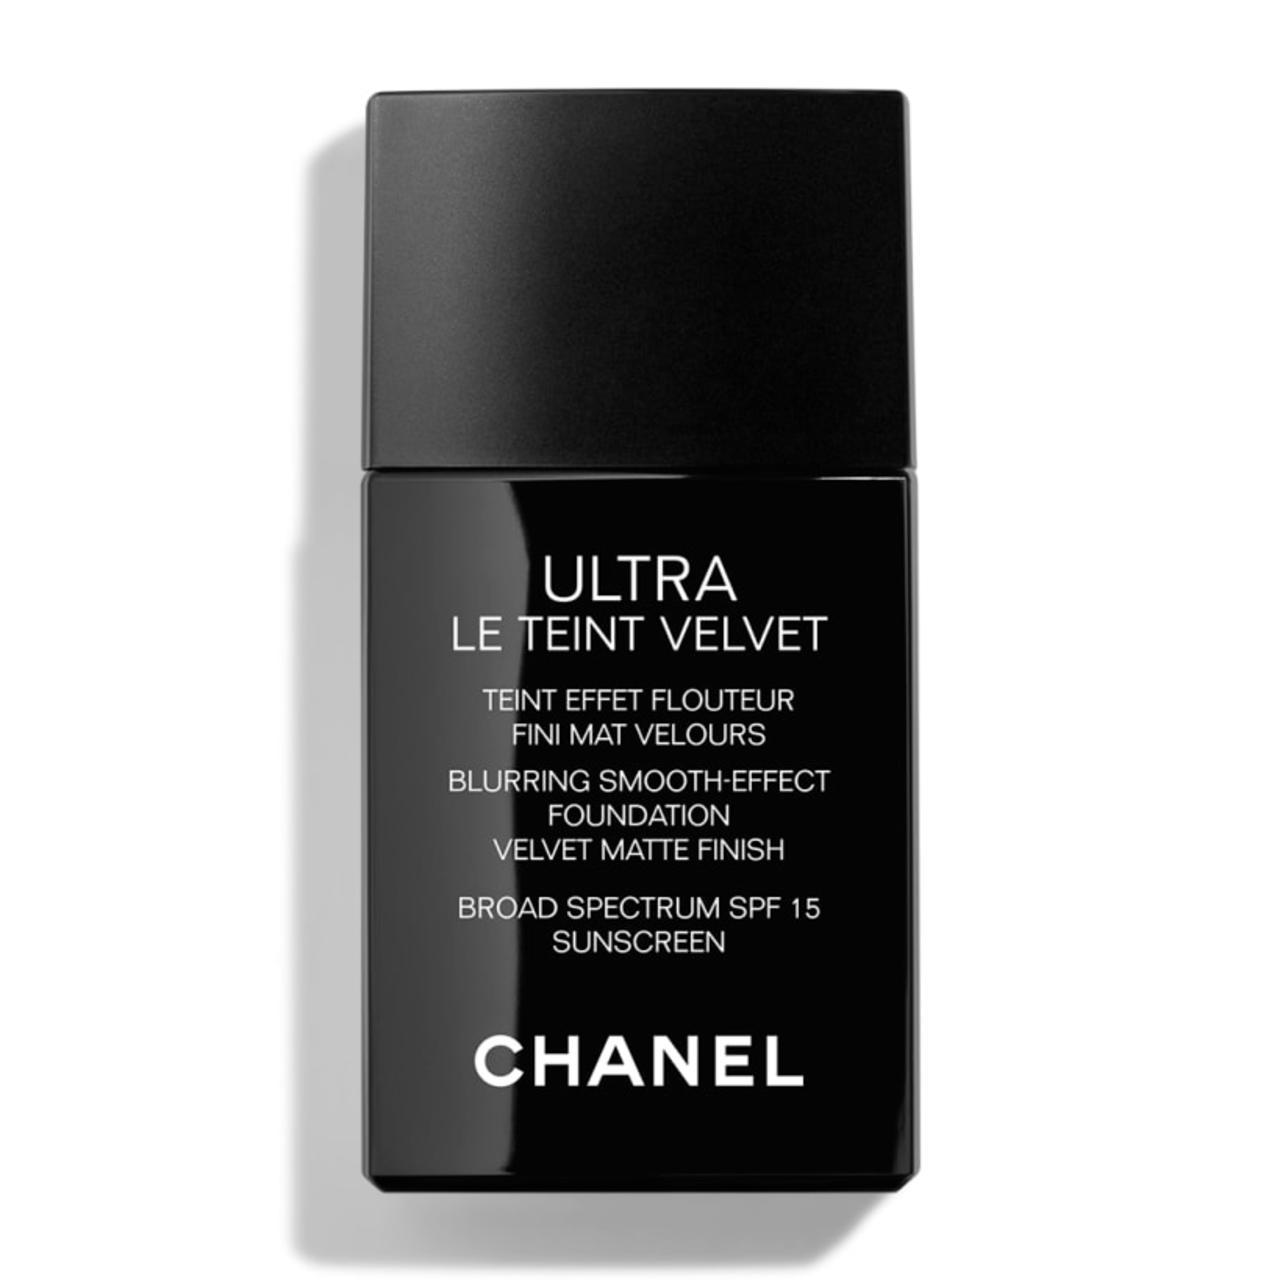 Chanel Ultra Le Teint Velvet SPF 15.